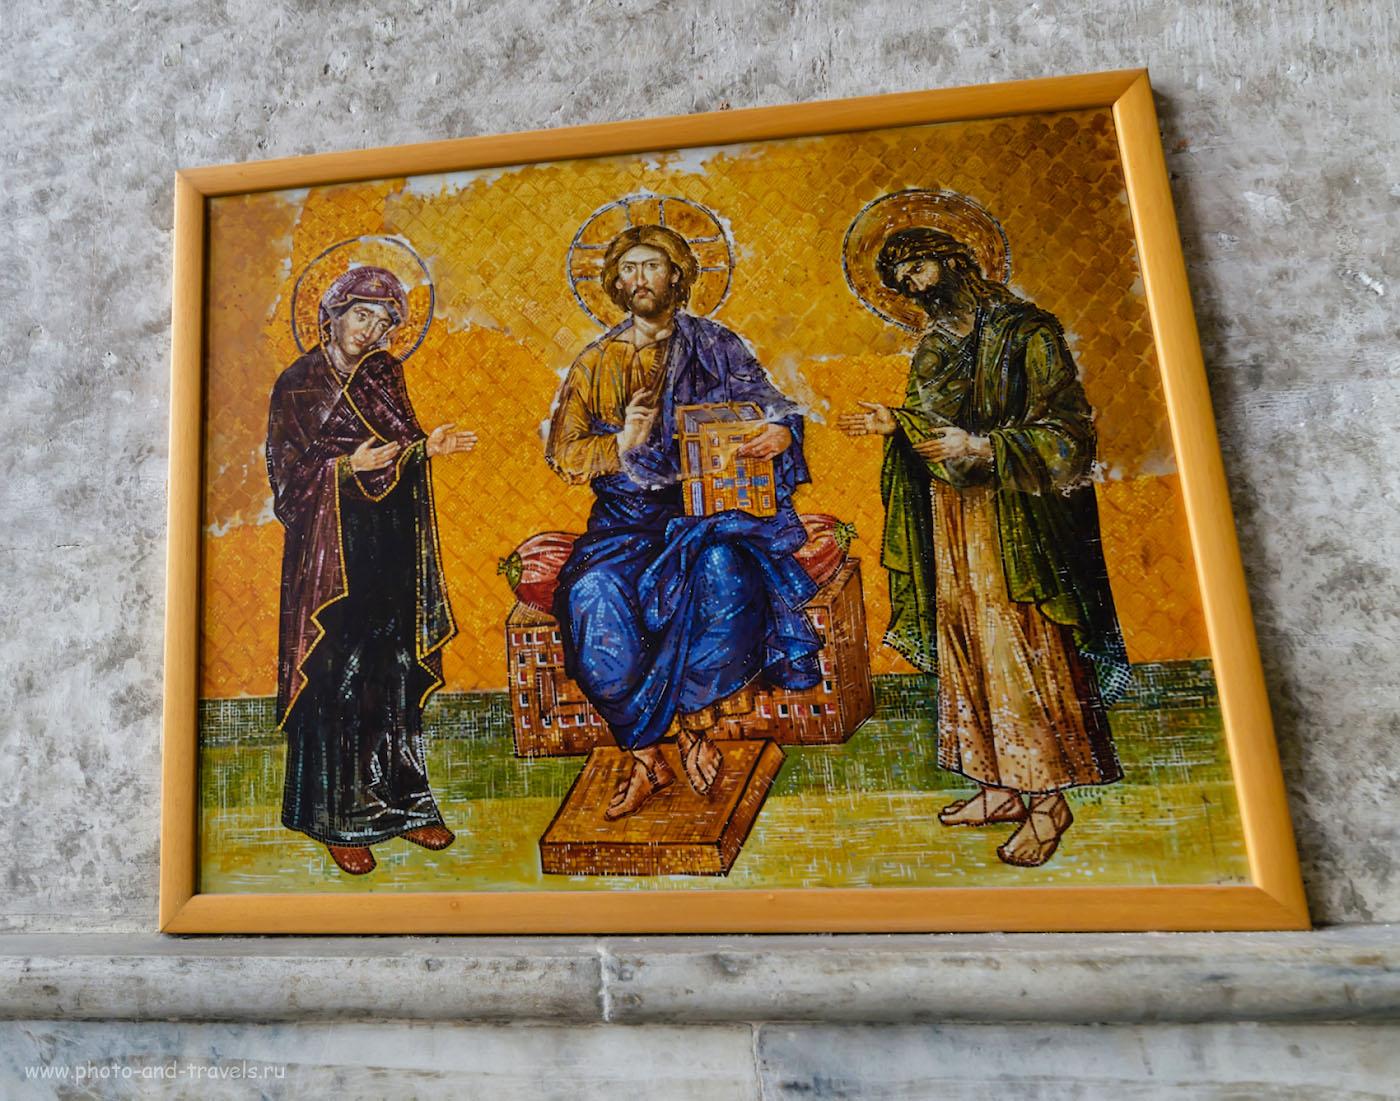 Фотография 28. Так выглядела мозаика «Деисус» в момент создания в 1261 году. Отзыв об экскурсии в собор Айя-София в Стамбуле. Интересные достопримечательности города. Стоит ли ехать отдыхать в Турцию. 1/30, 5.6, 640, 14.